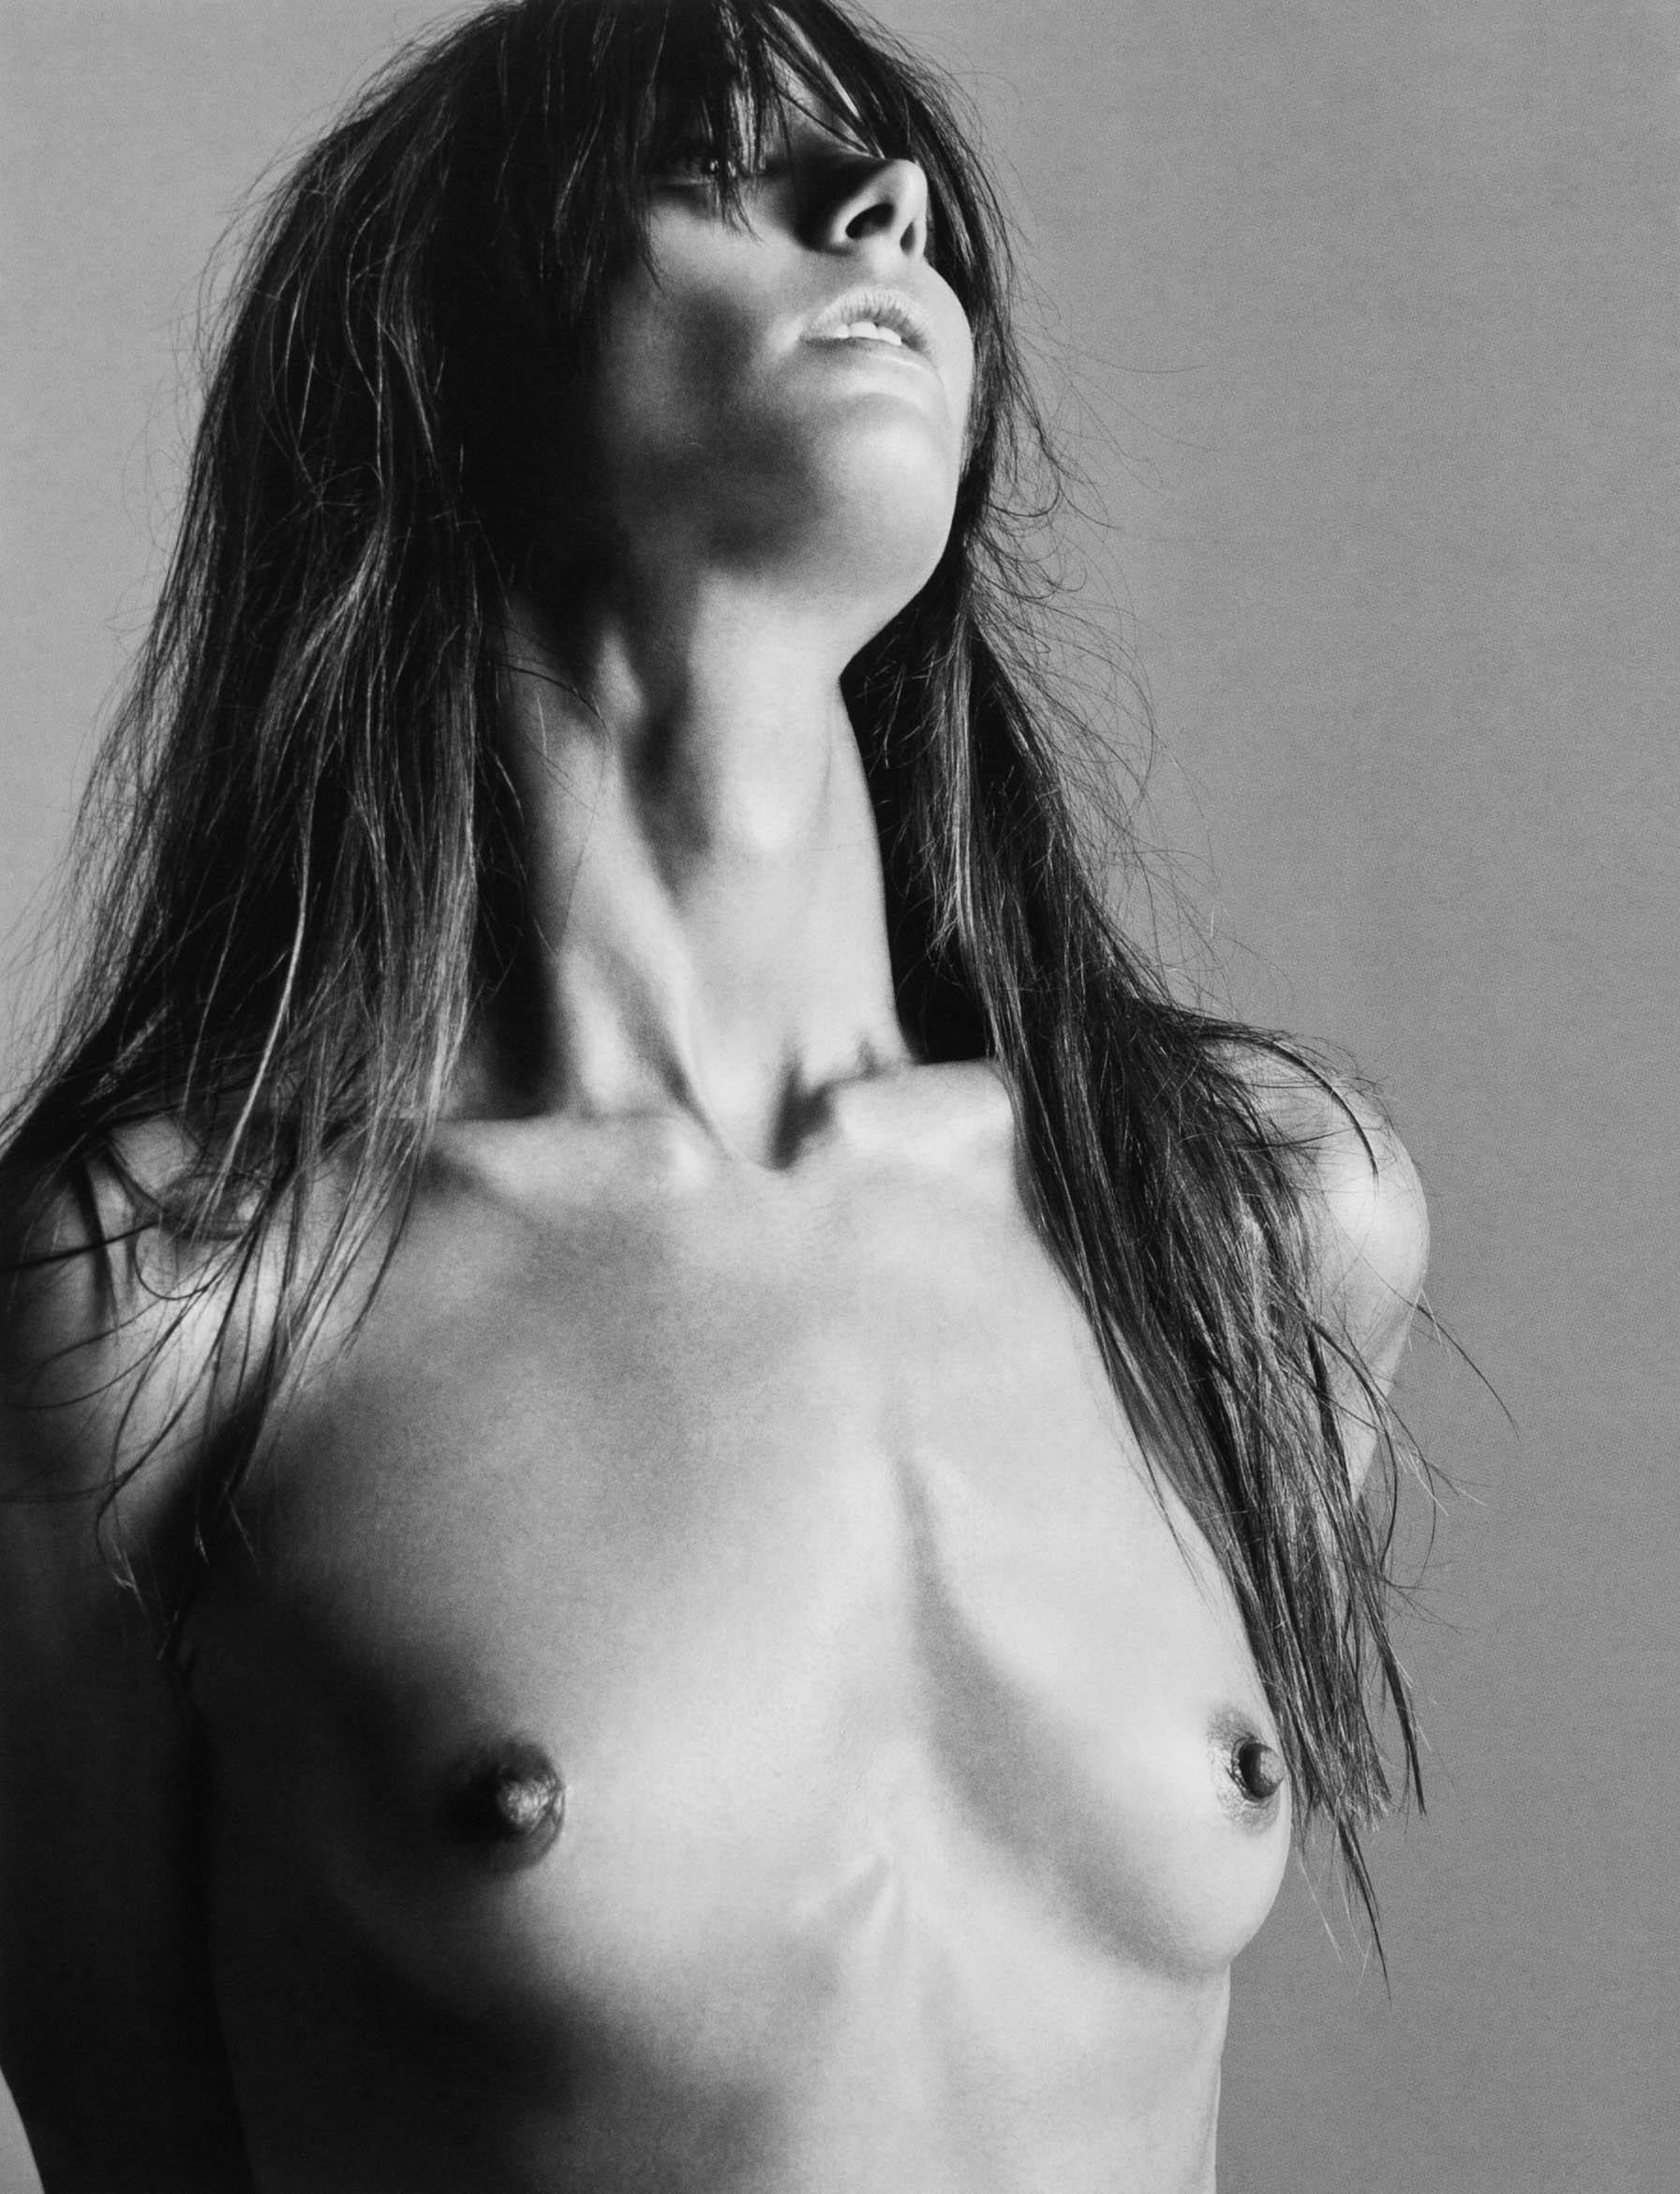 Jessica_Miller-Inez_Van_Lamsweerde-Vinoodh_Matadin-02.jpg